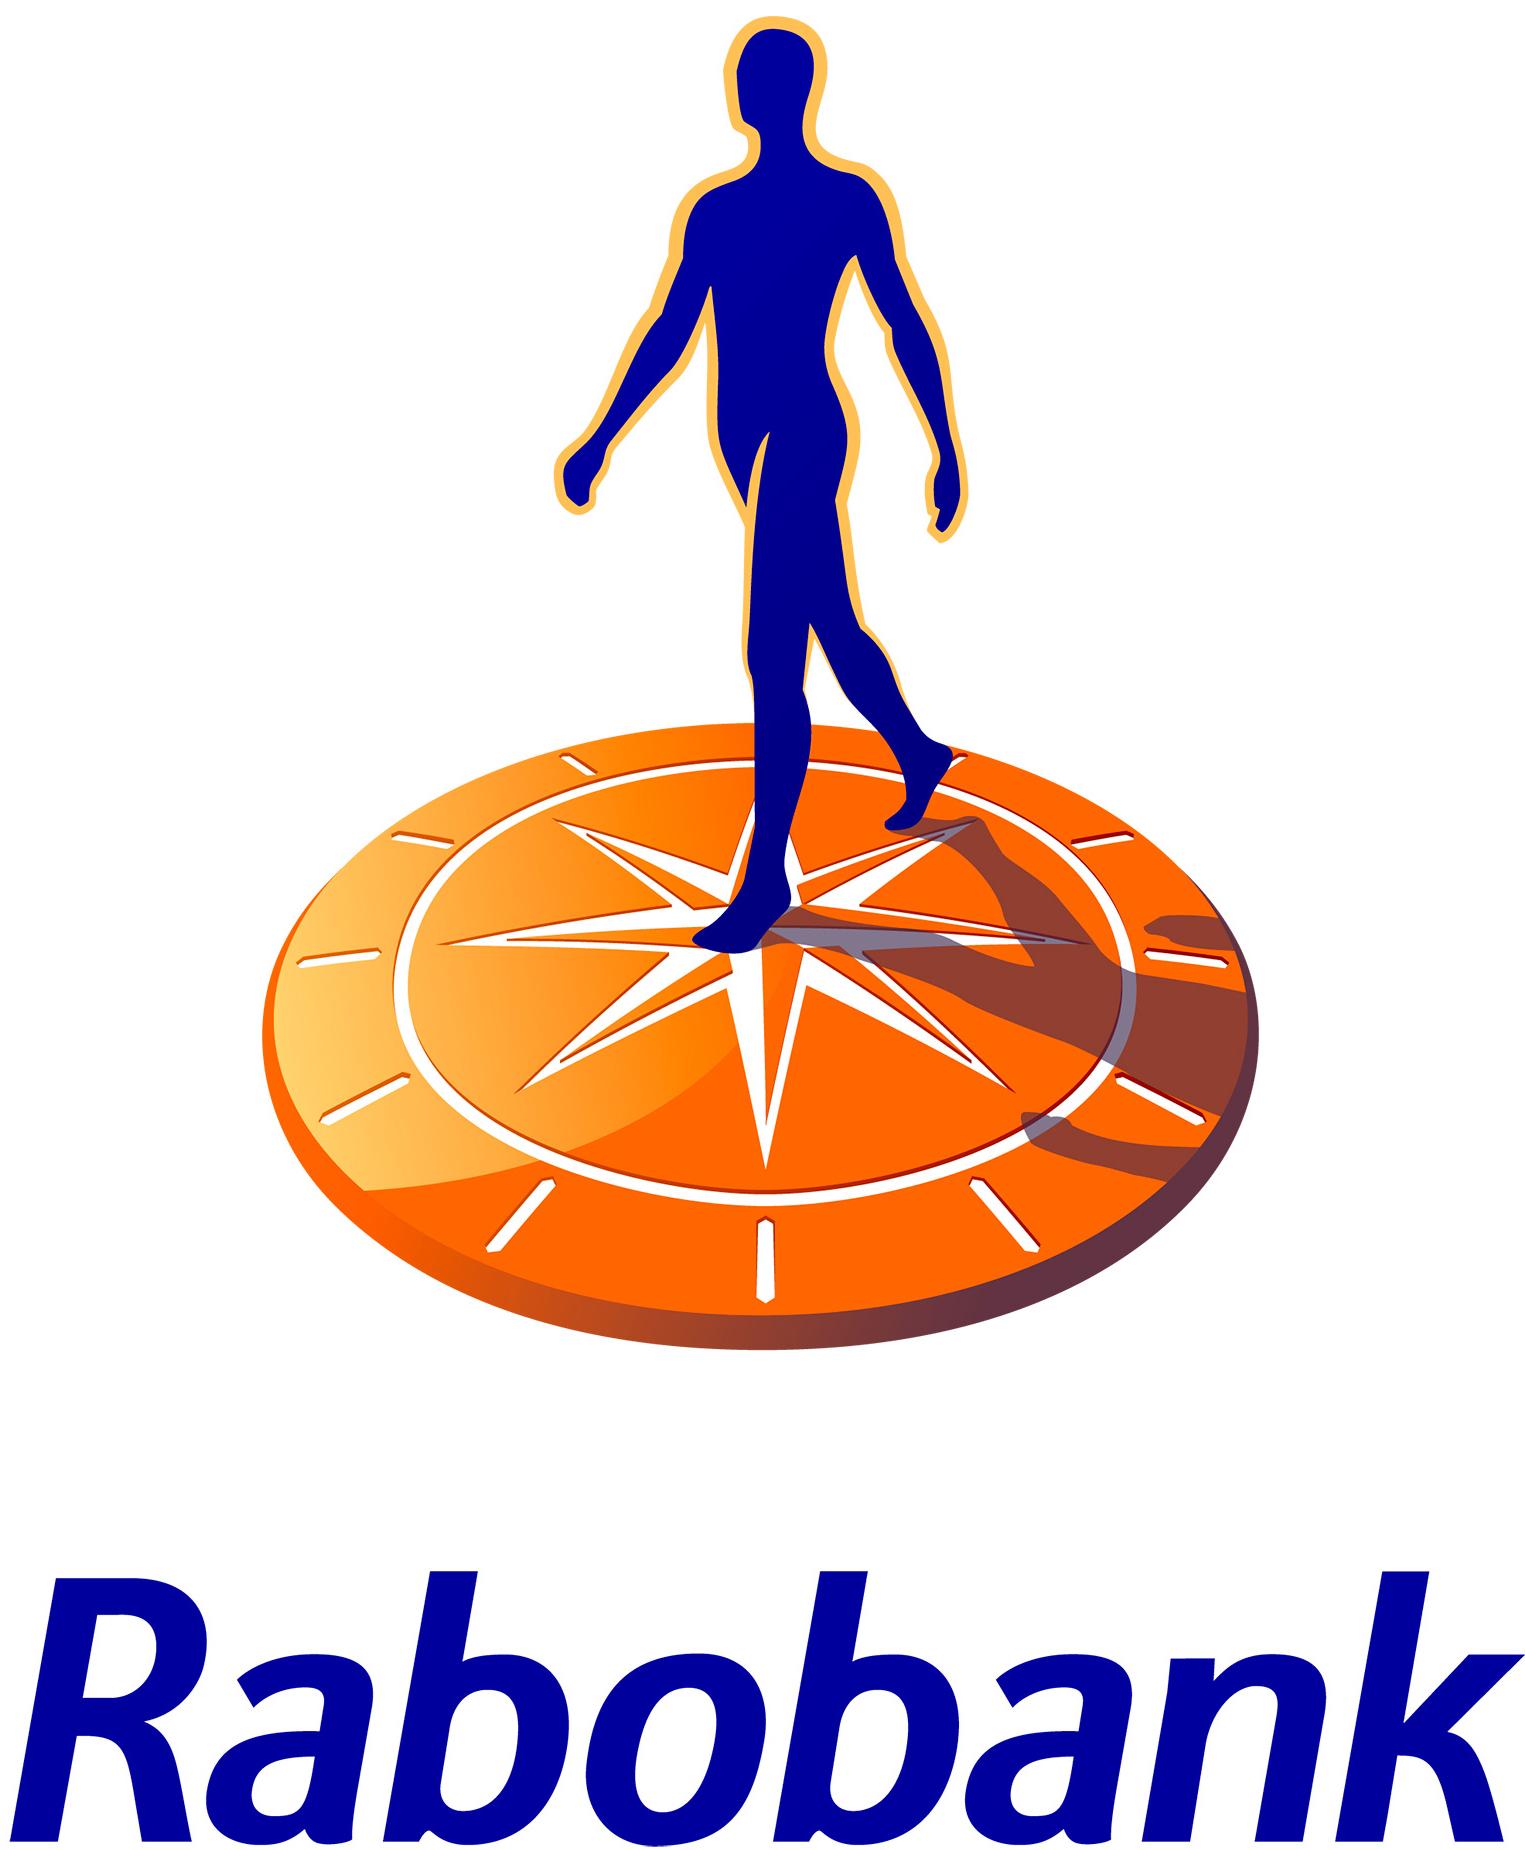 Rabobank big.jpg